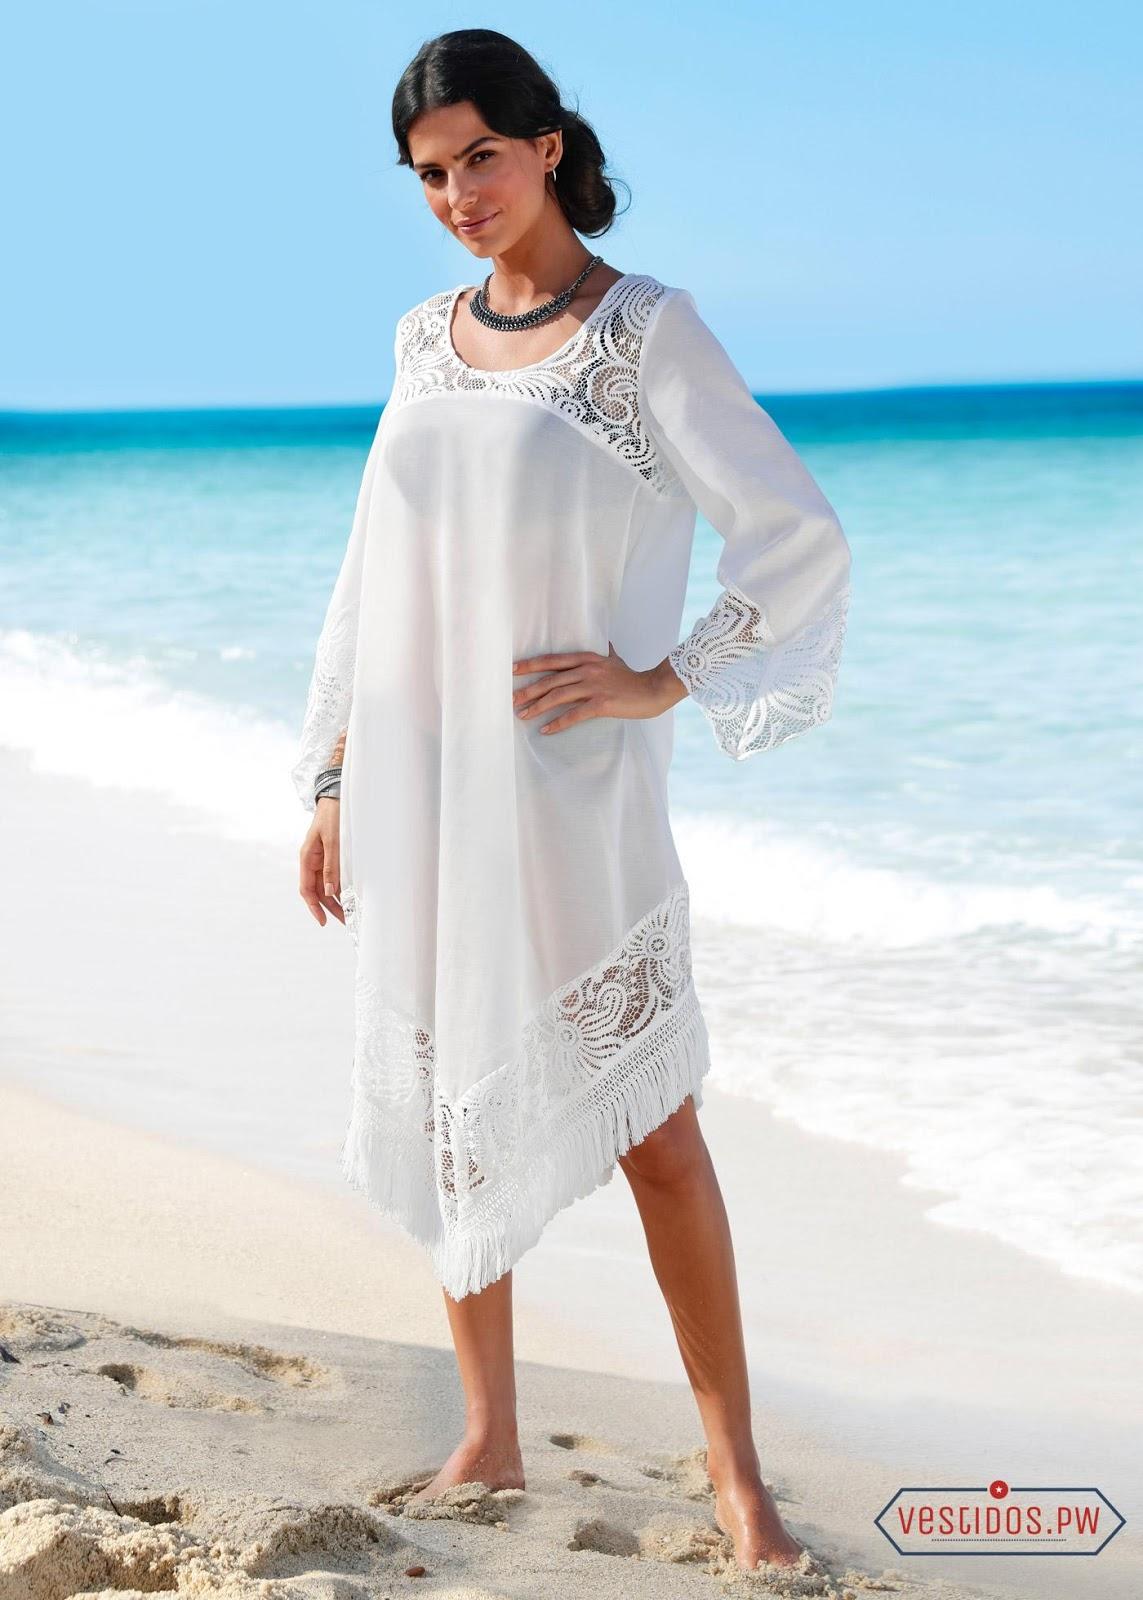 Modelos de vestidos blancos de playa